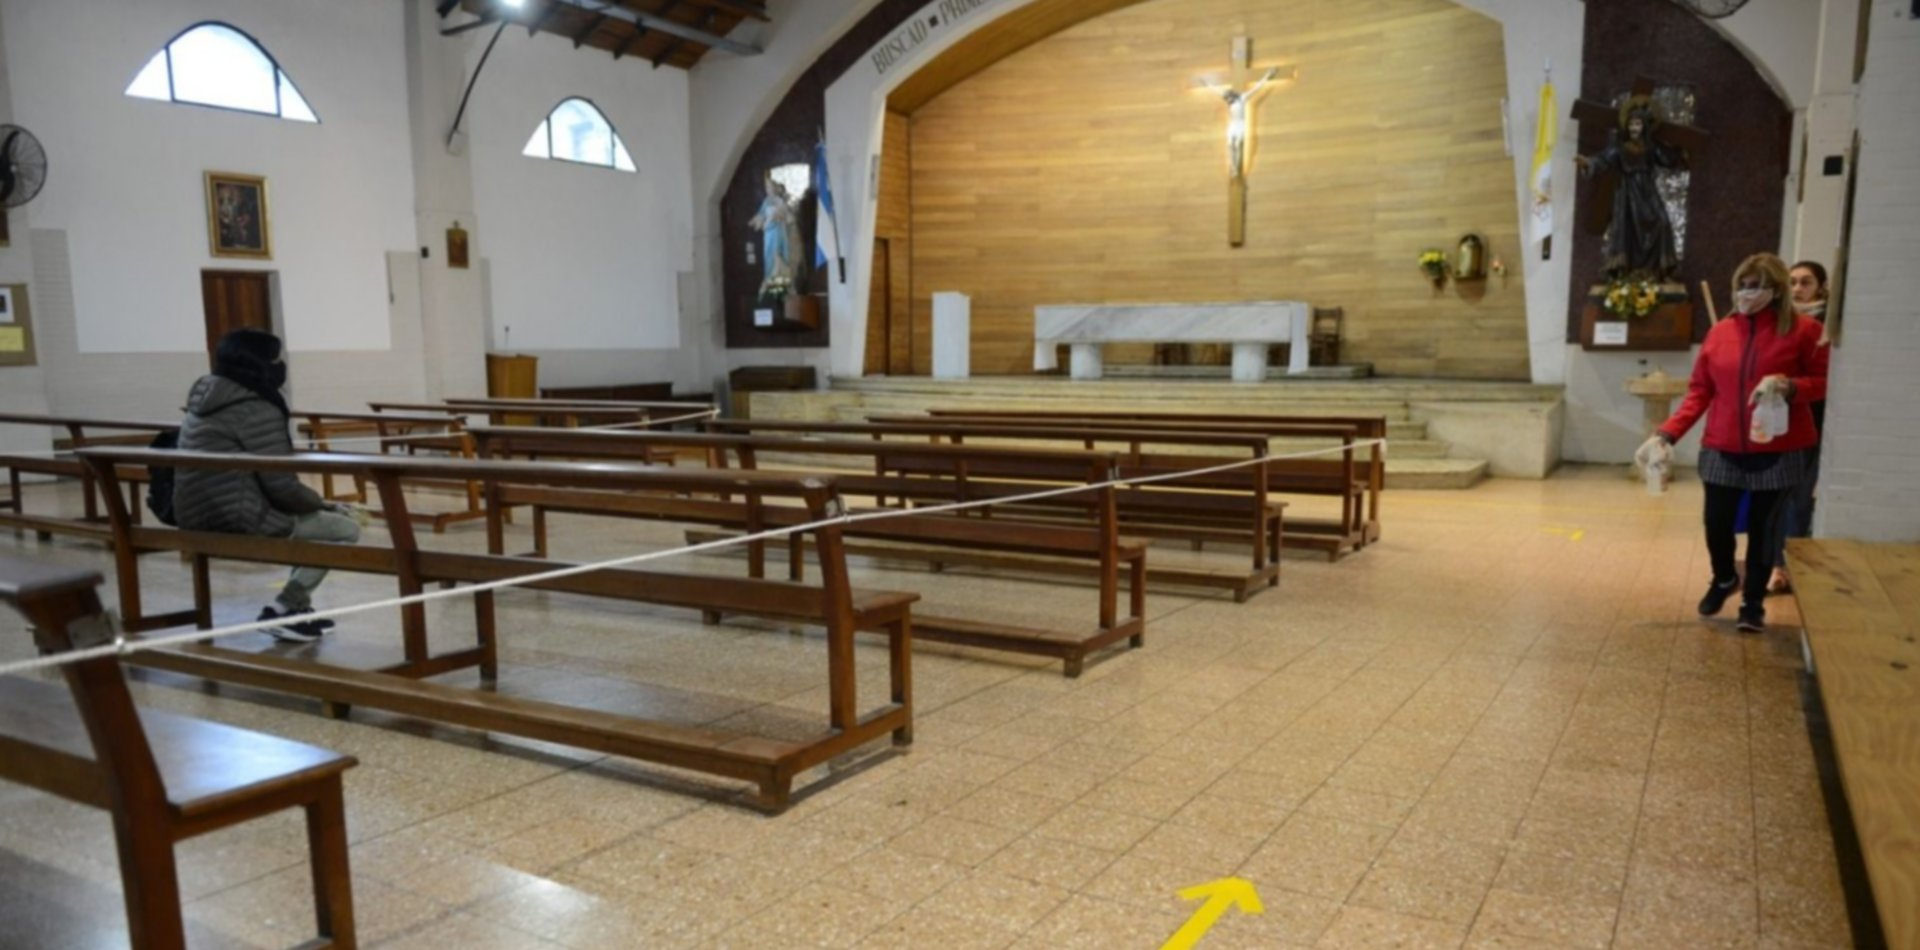 Anticipan que seguirán las misas en La Plata pero con protocolos renovados por el COVID-19